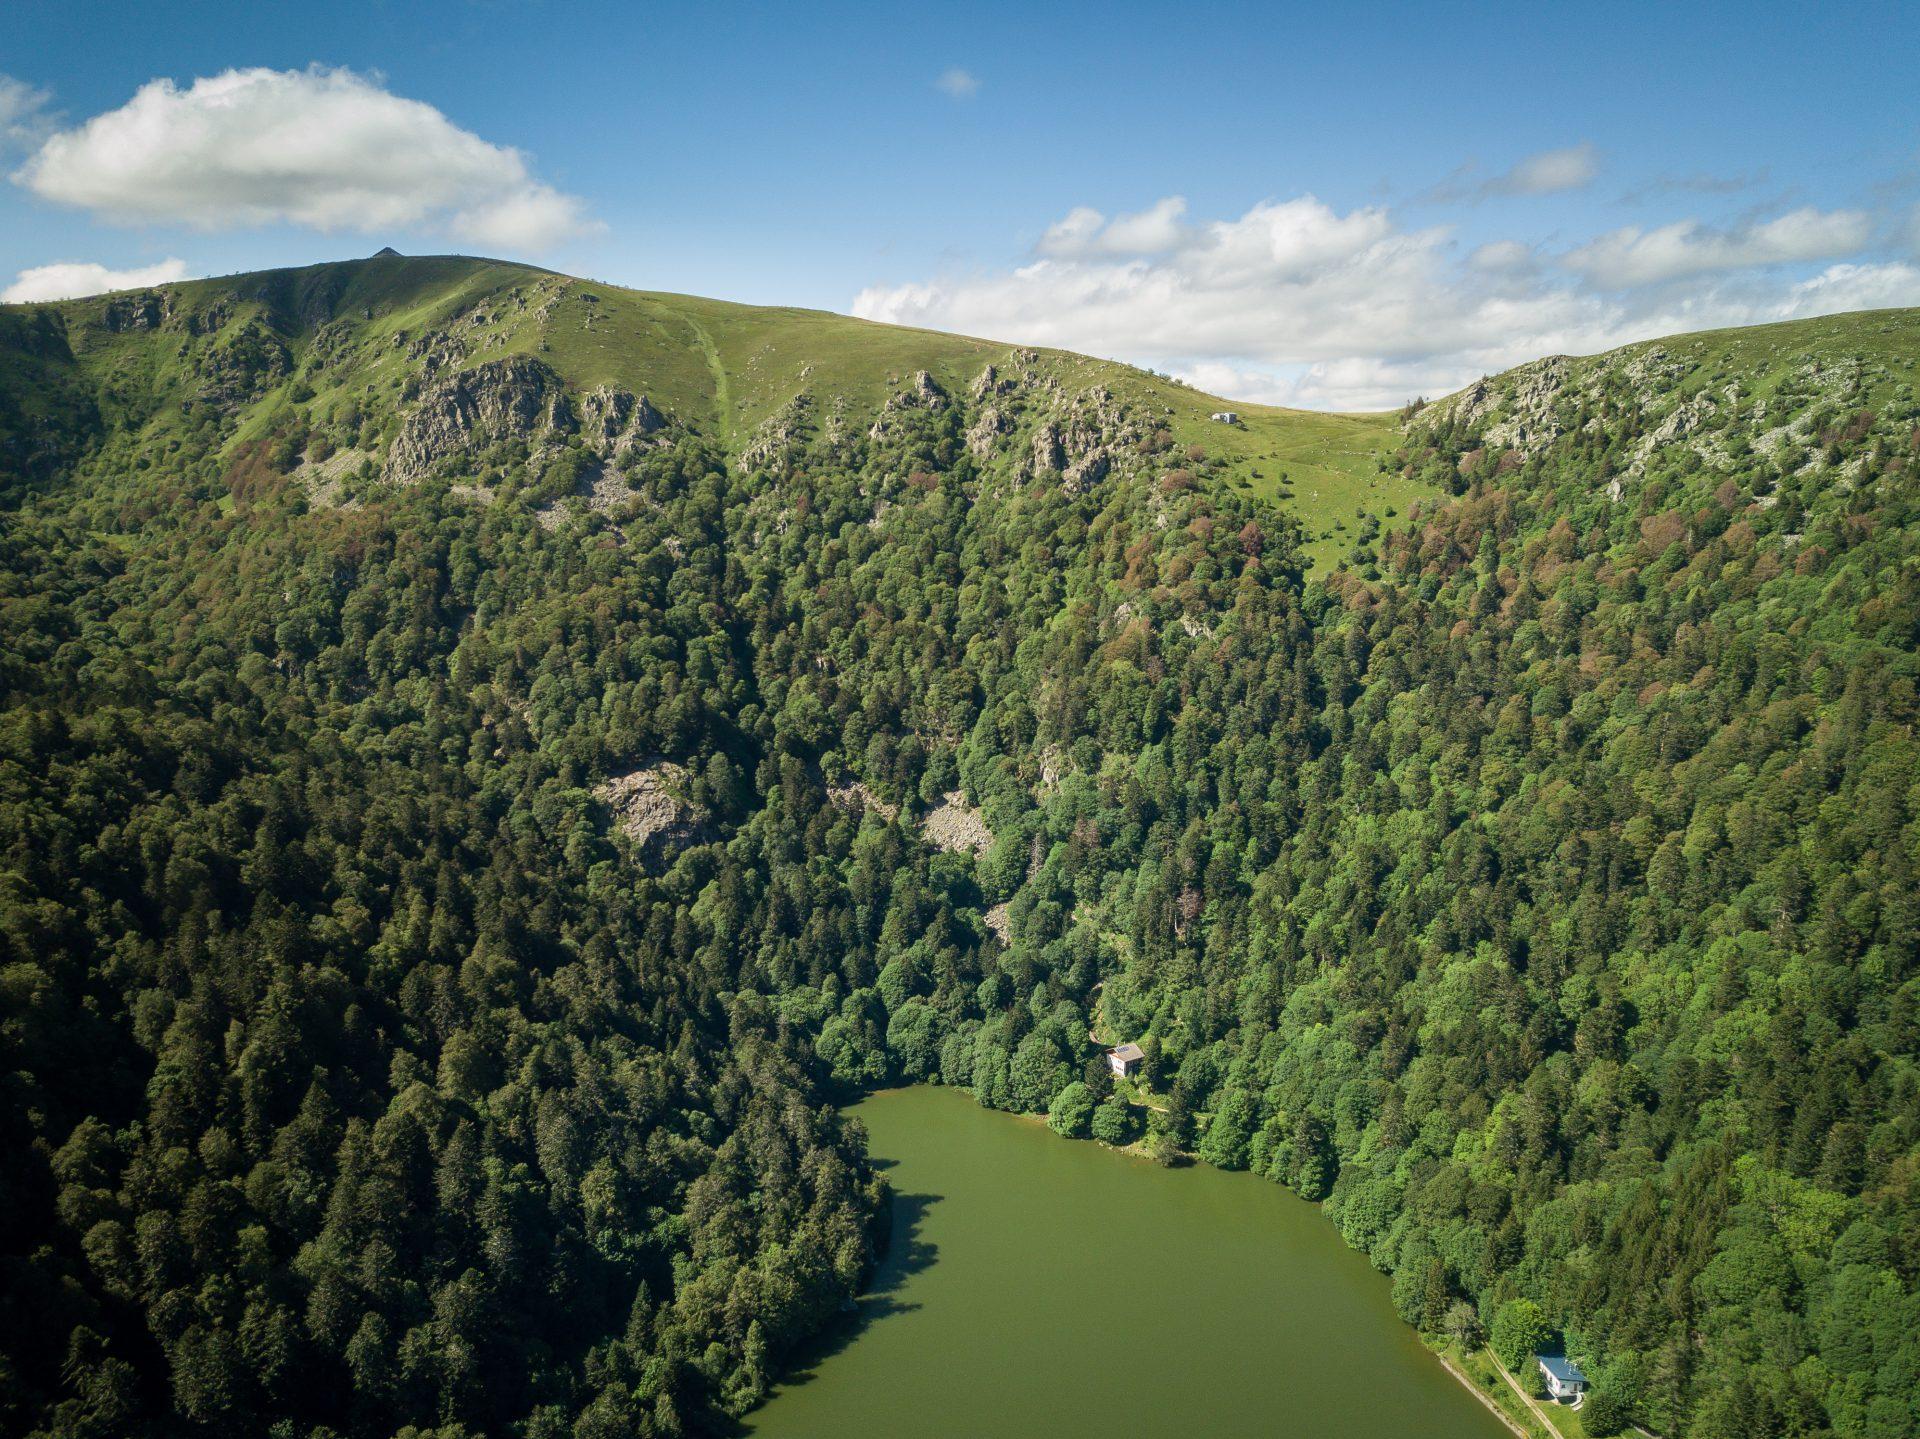 Le lac du Schiessrothried dans les Vosges et le sommet du Hohneck